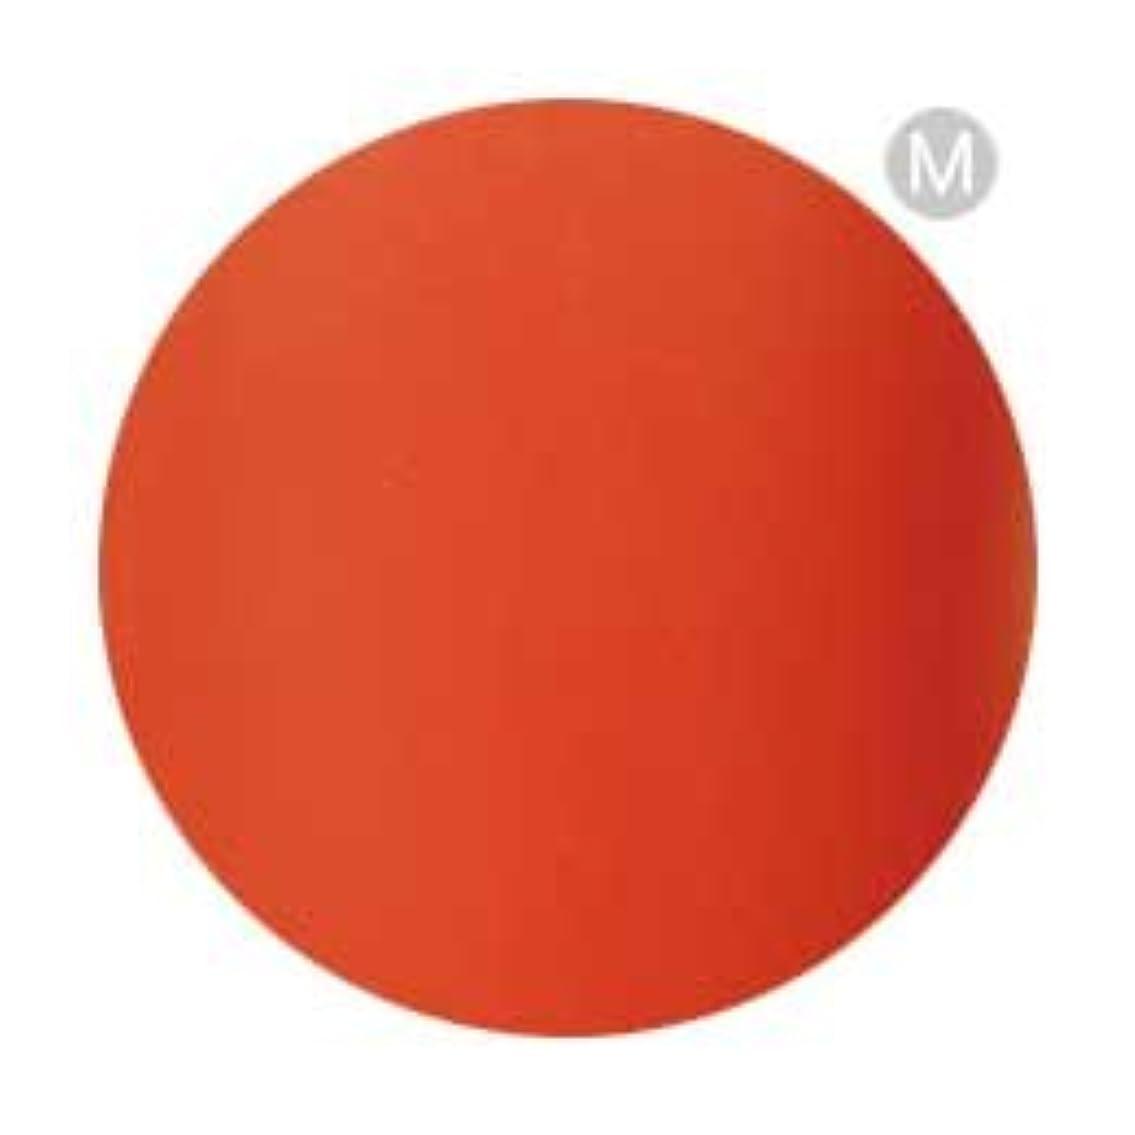 Palms Graceful カラージェル 3g 077 タンジェリンオレンジ